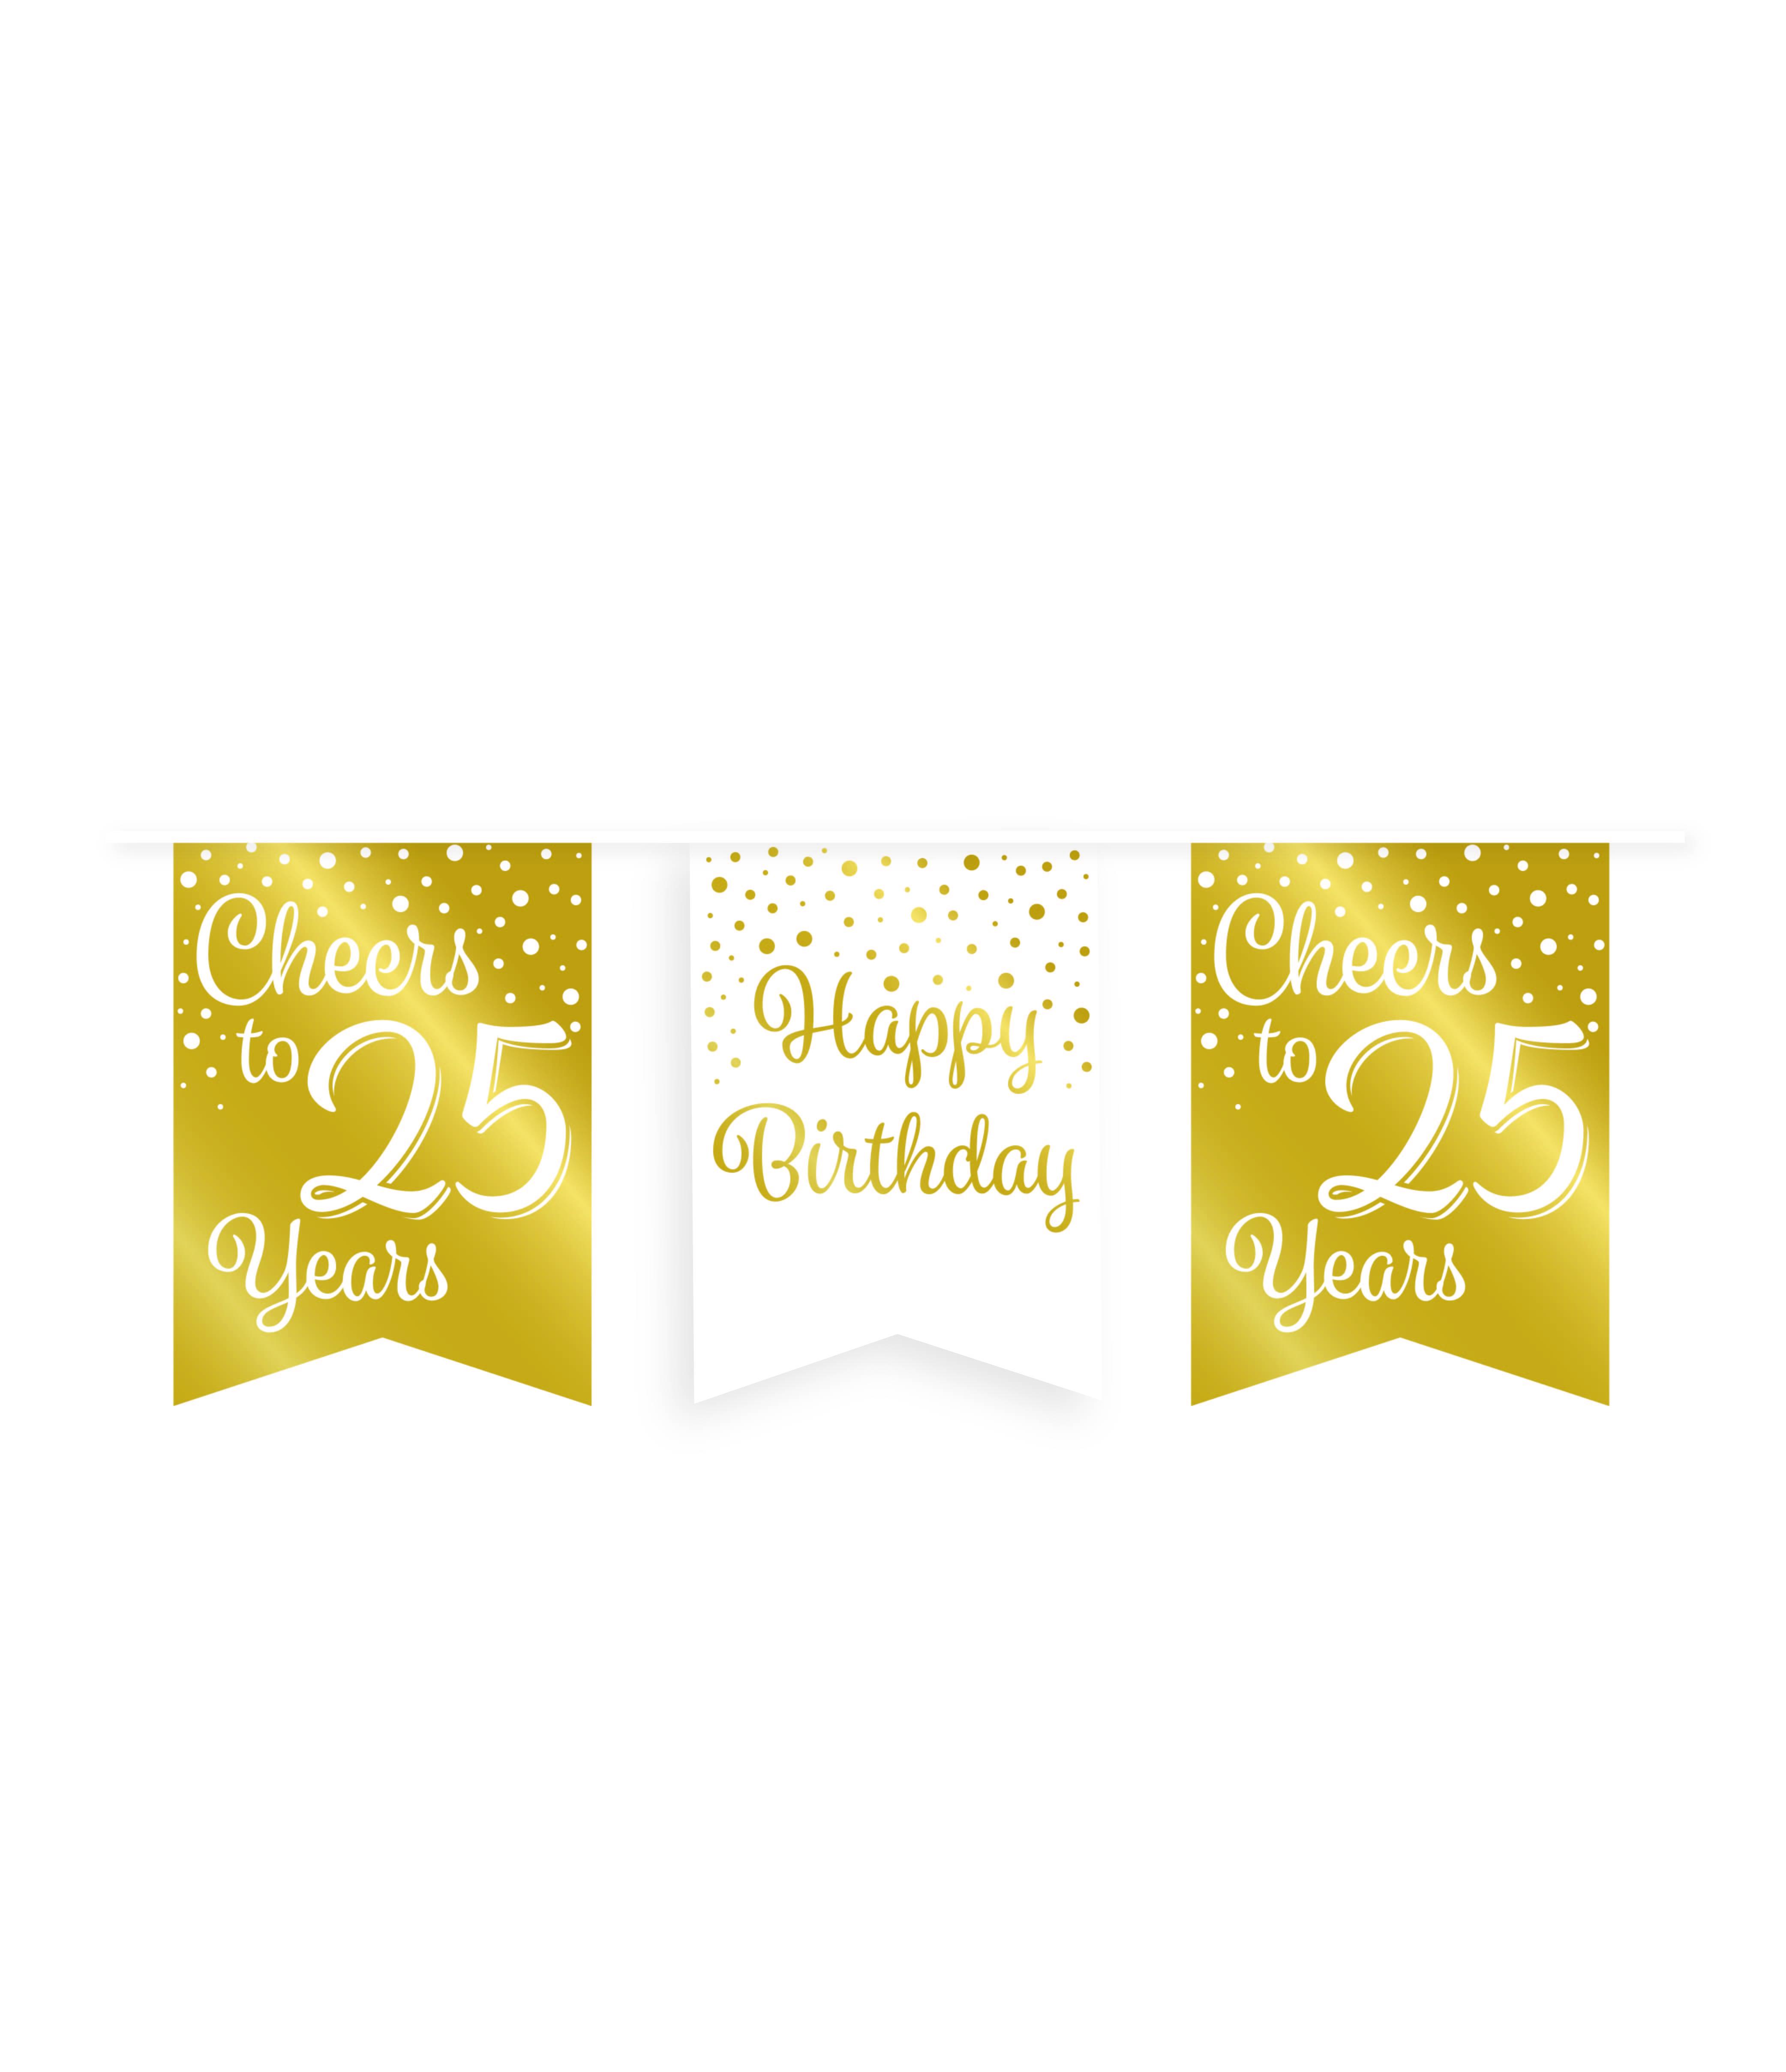 6m Vlaggenlijn Goud/Wit Cheers to 25 Years